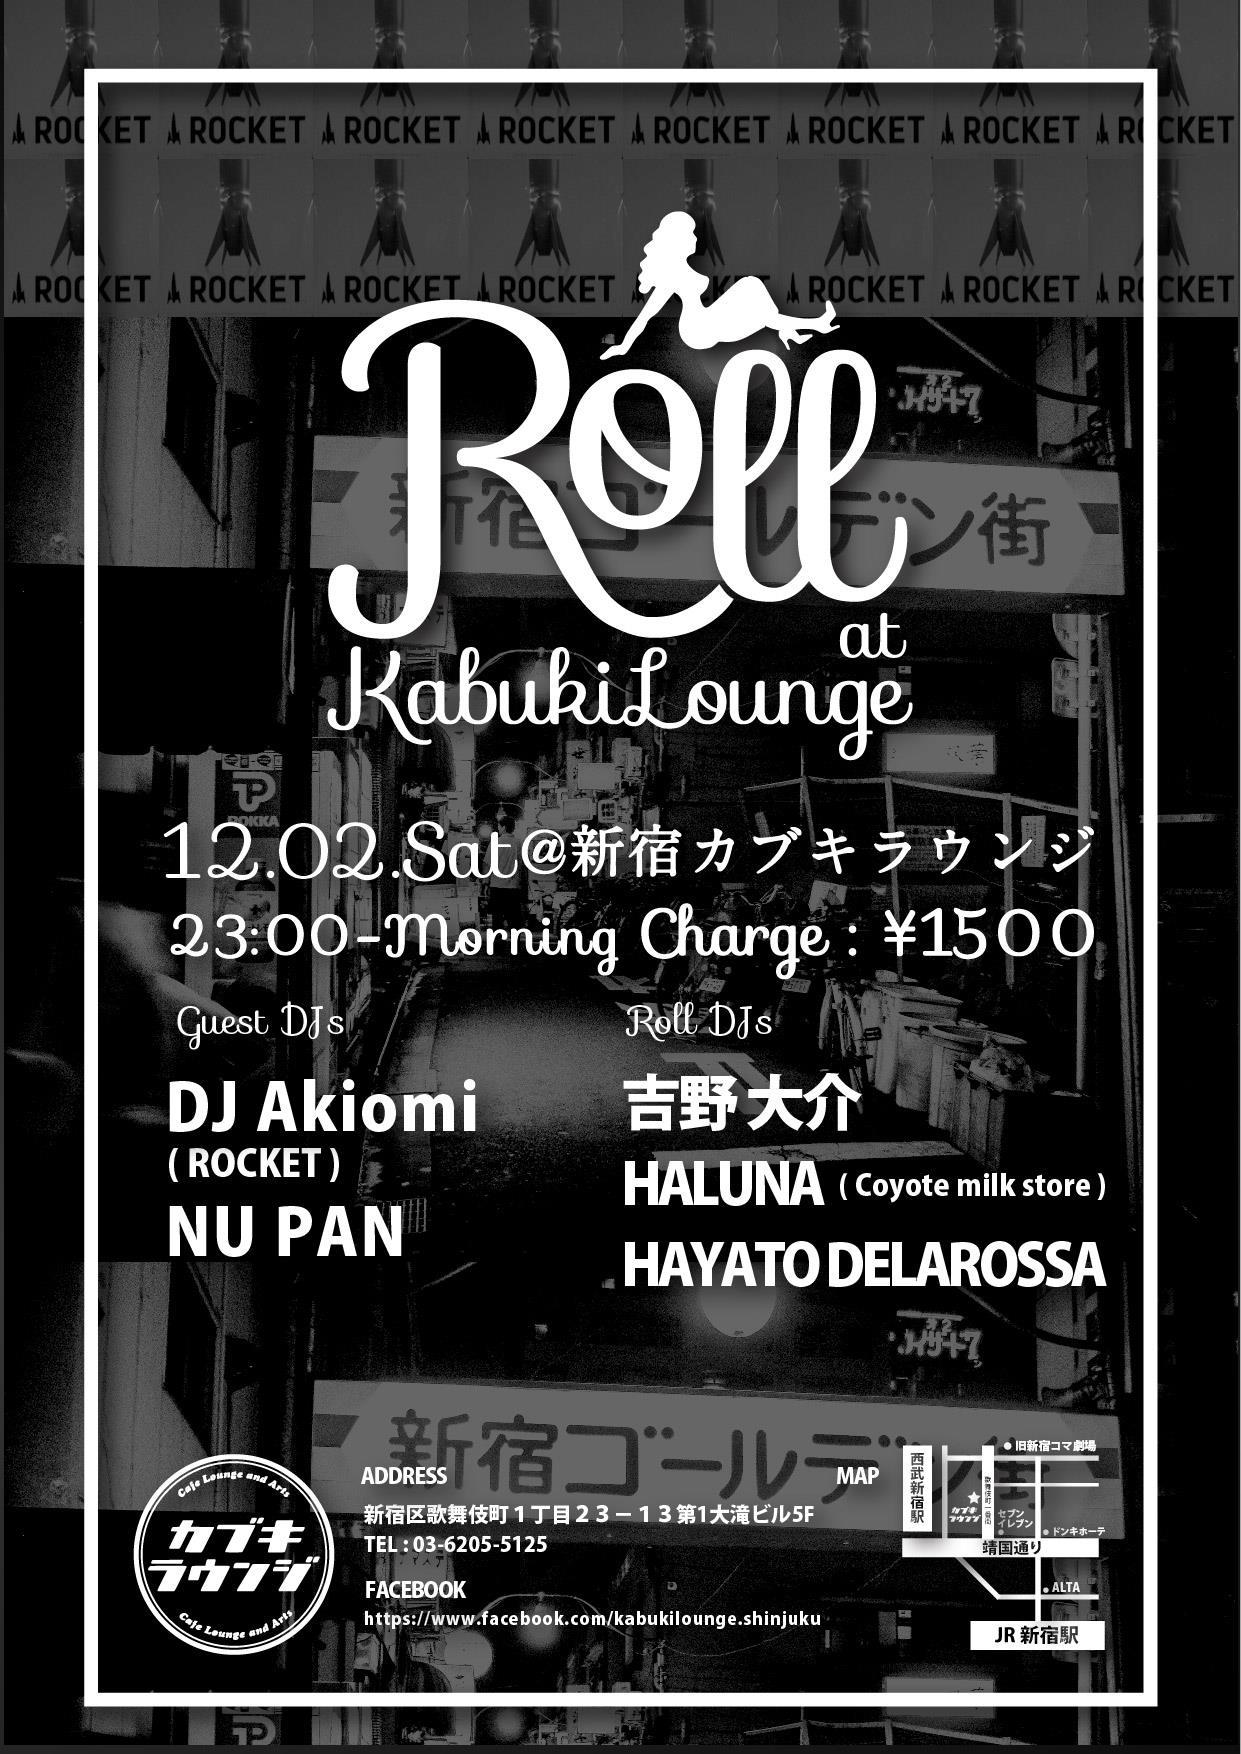 12/2(土) Roll @ 新宿カブキラウンジ